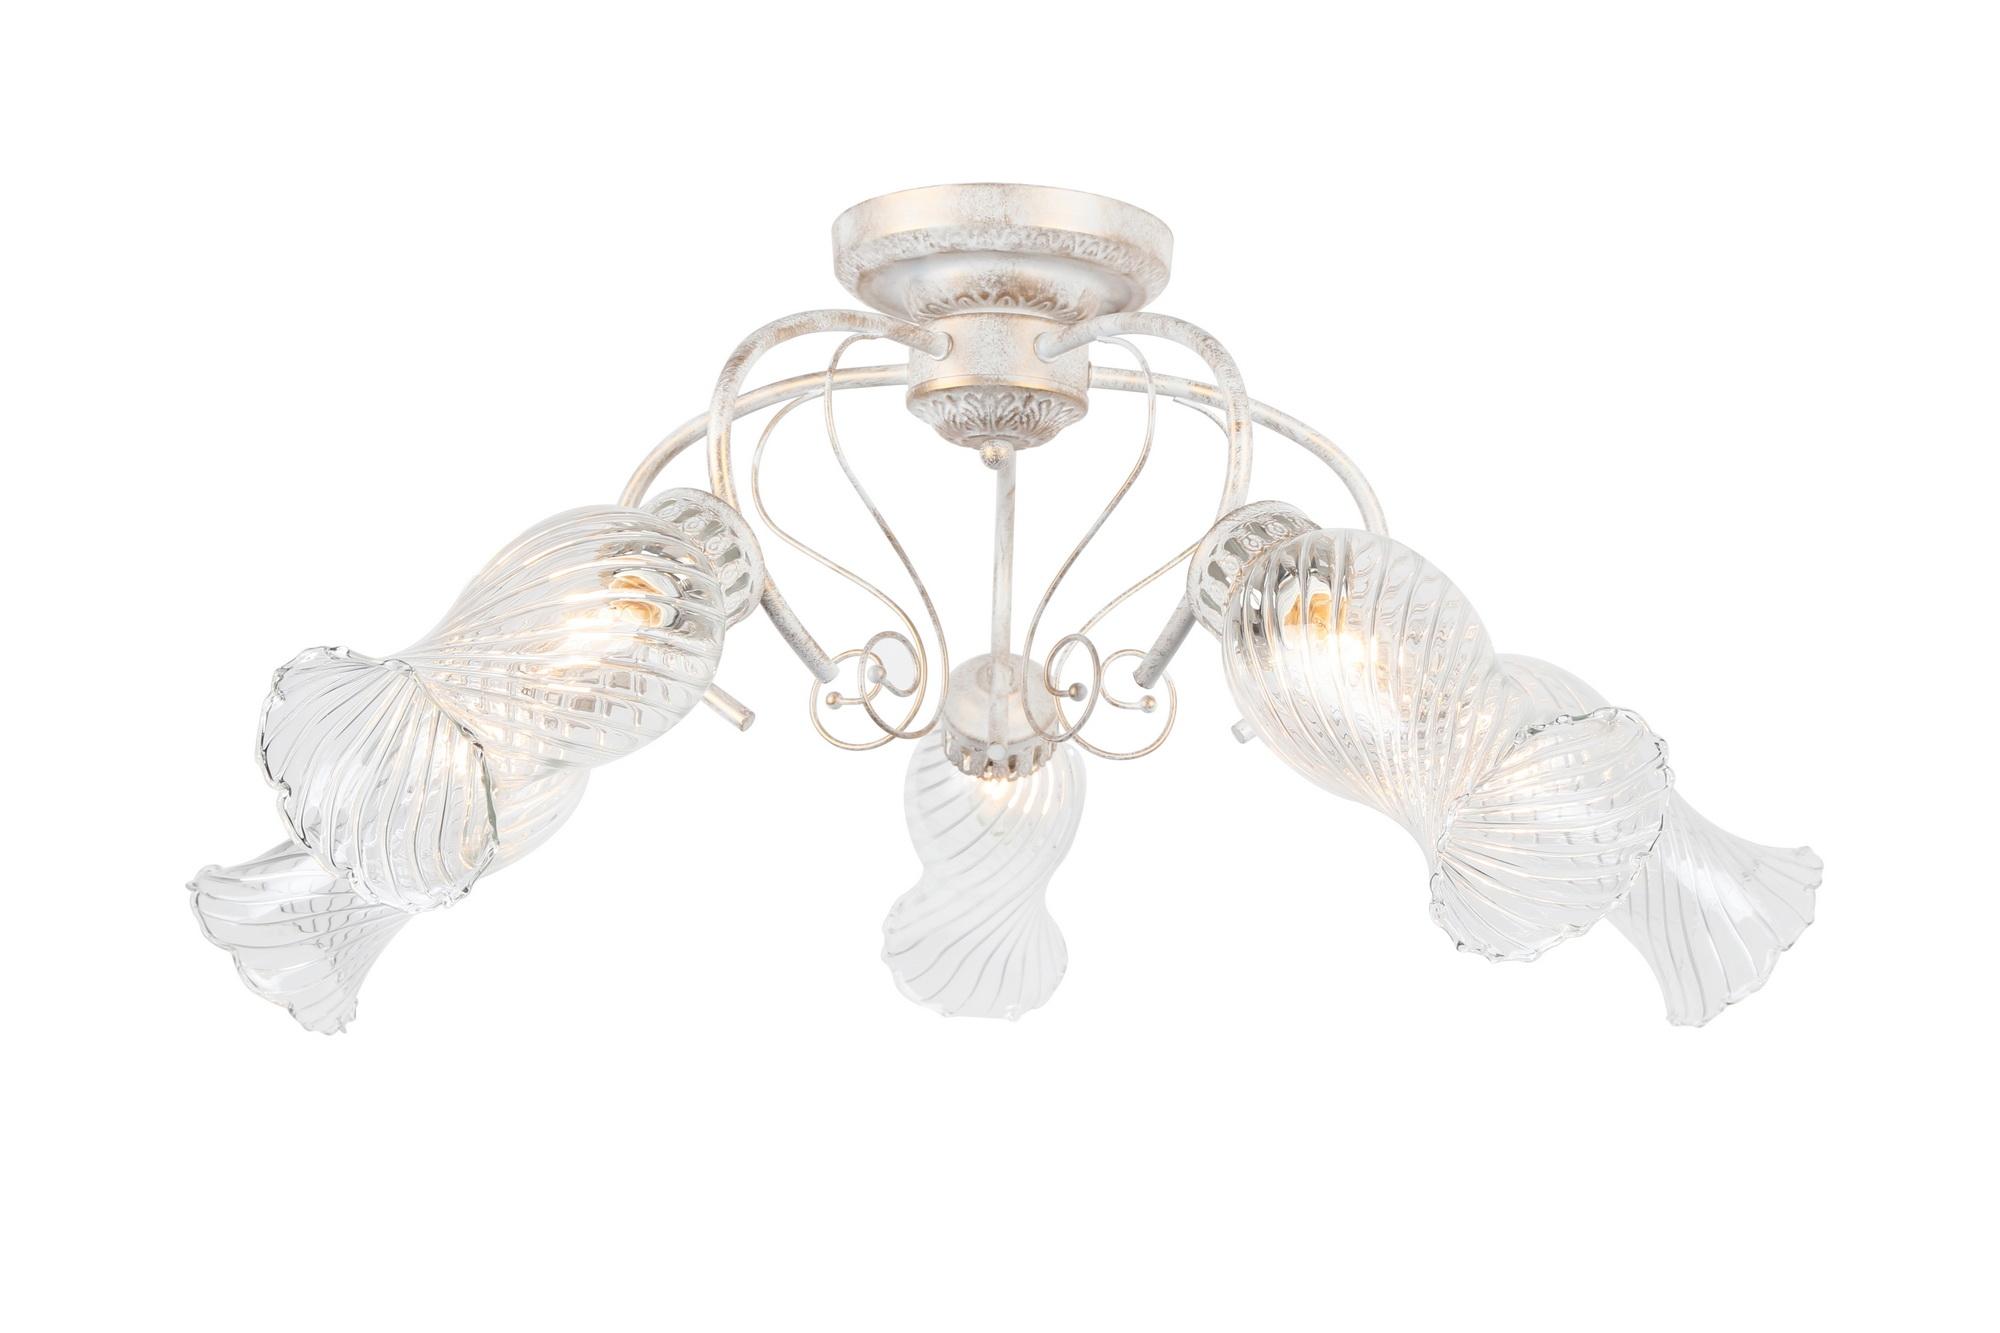 Люстра Arte lampЛюстры<br>Назначение светильника: для комнаты, Стиль светильника: классика, Тип: потолочная, Материал светильника: металл, стекло, Материал плафона: стекло, Материал арматуры: металл, Длина (мм): 780, Ширина: 780, Высота: 330, Количество ламп: 3, Тип лампы: накаливания, Мощность: 40, Патрон: Е14, Цвет арматуры: белый, Родина бренда: Италия, Коллекция: gemma 6335<br>